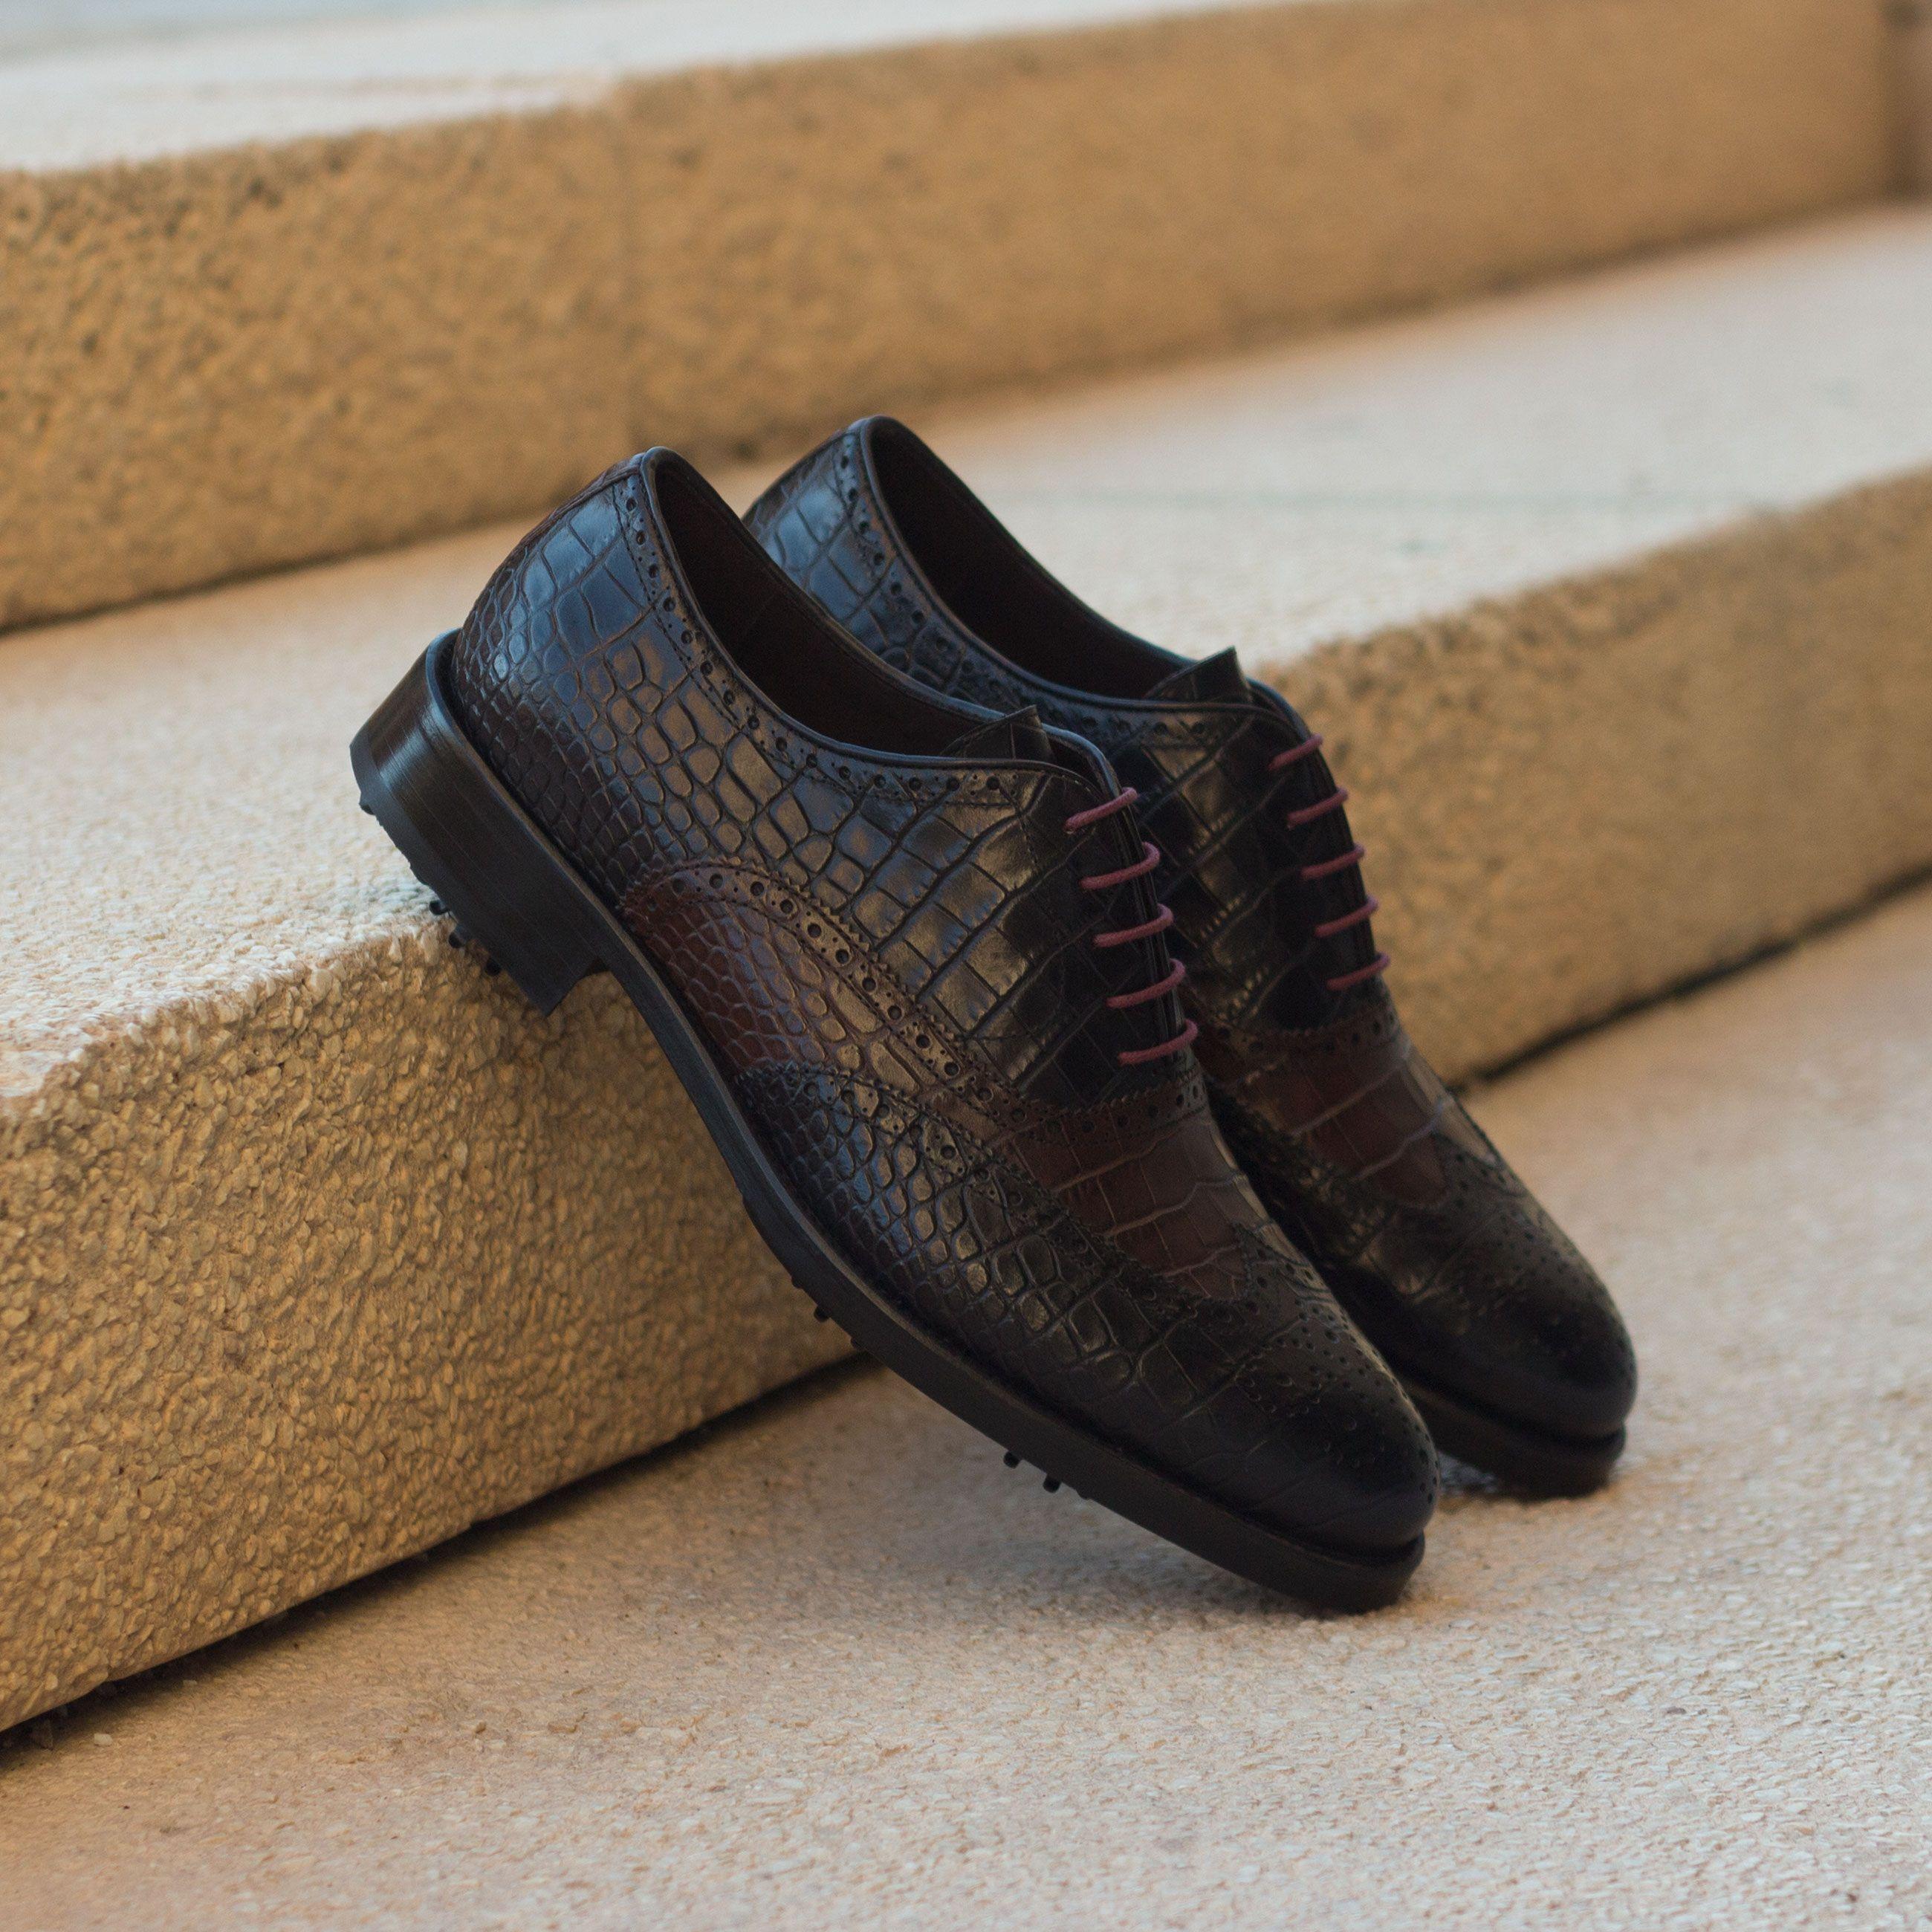 Custom Made Men's Wingtip Golf Shoe in